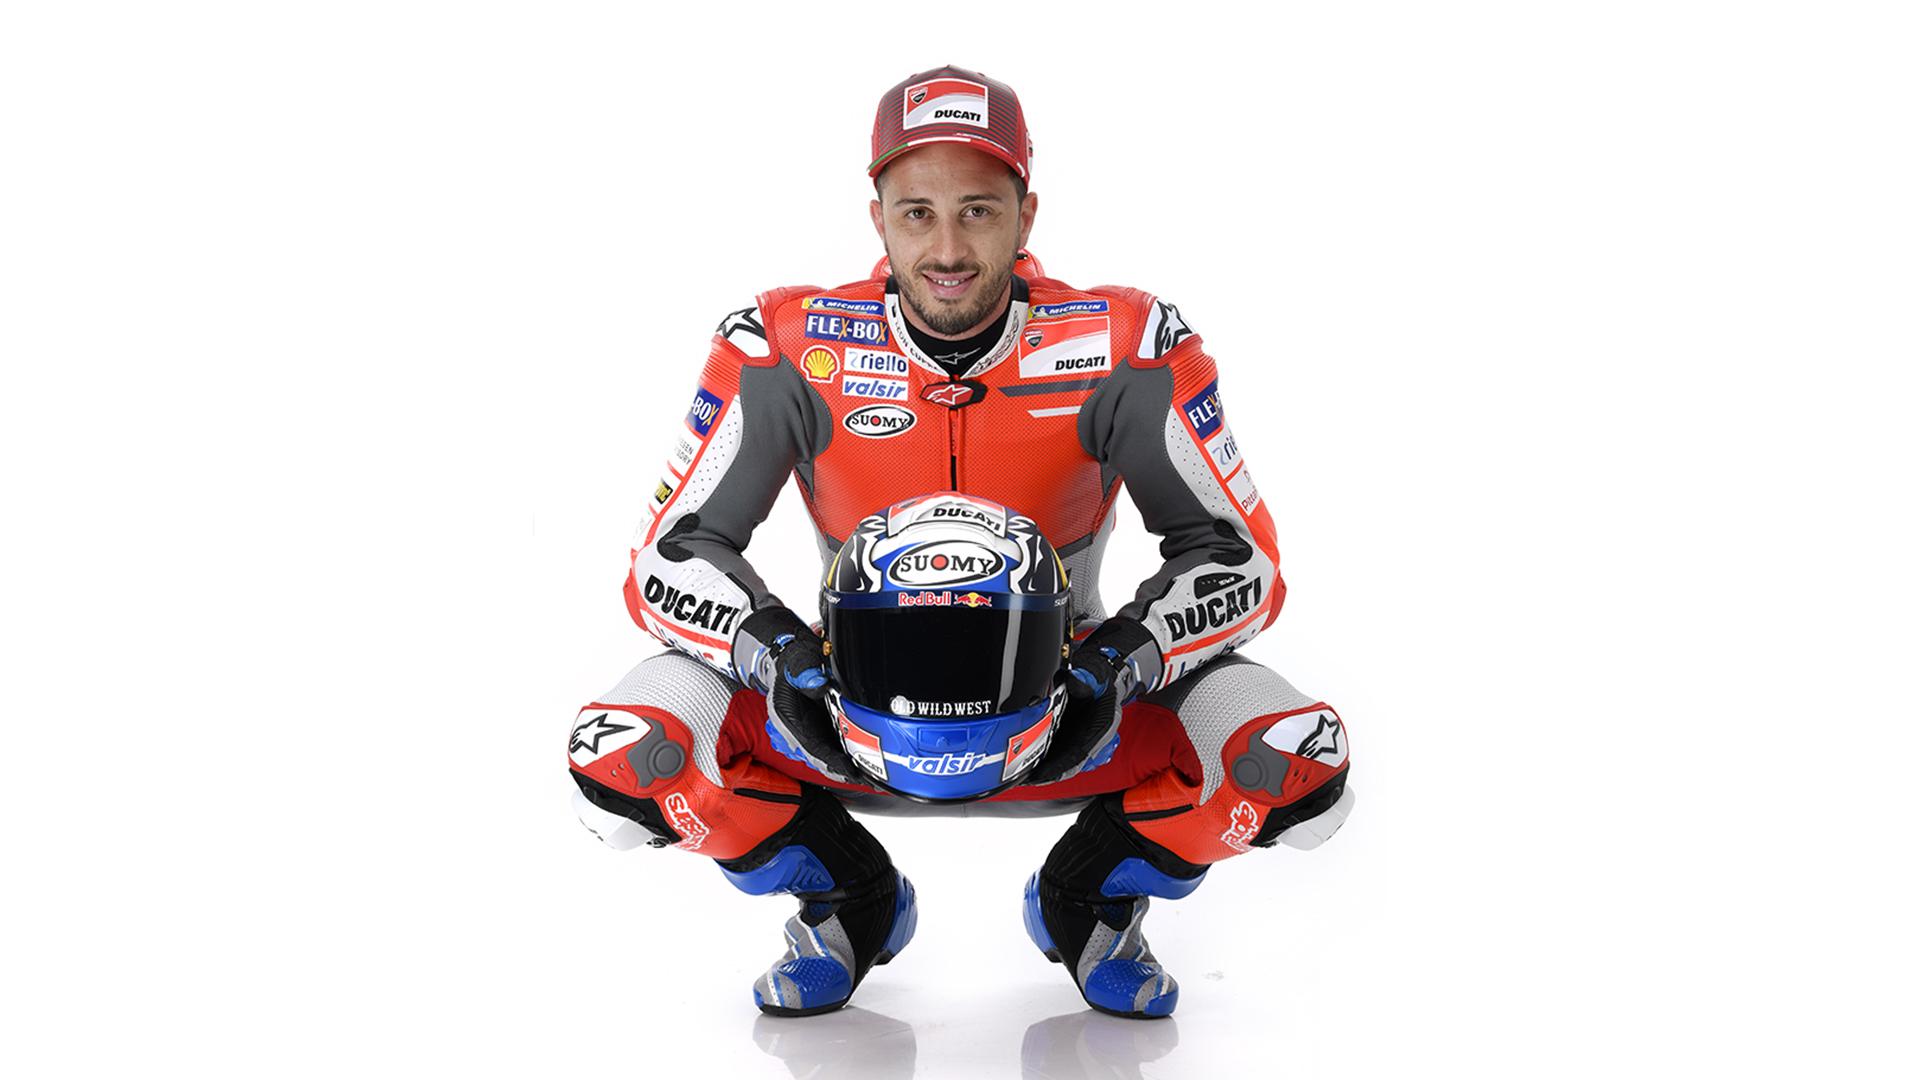 Ducati Team MotoGP 2018 Andrea Dovizioso 1920x1080